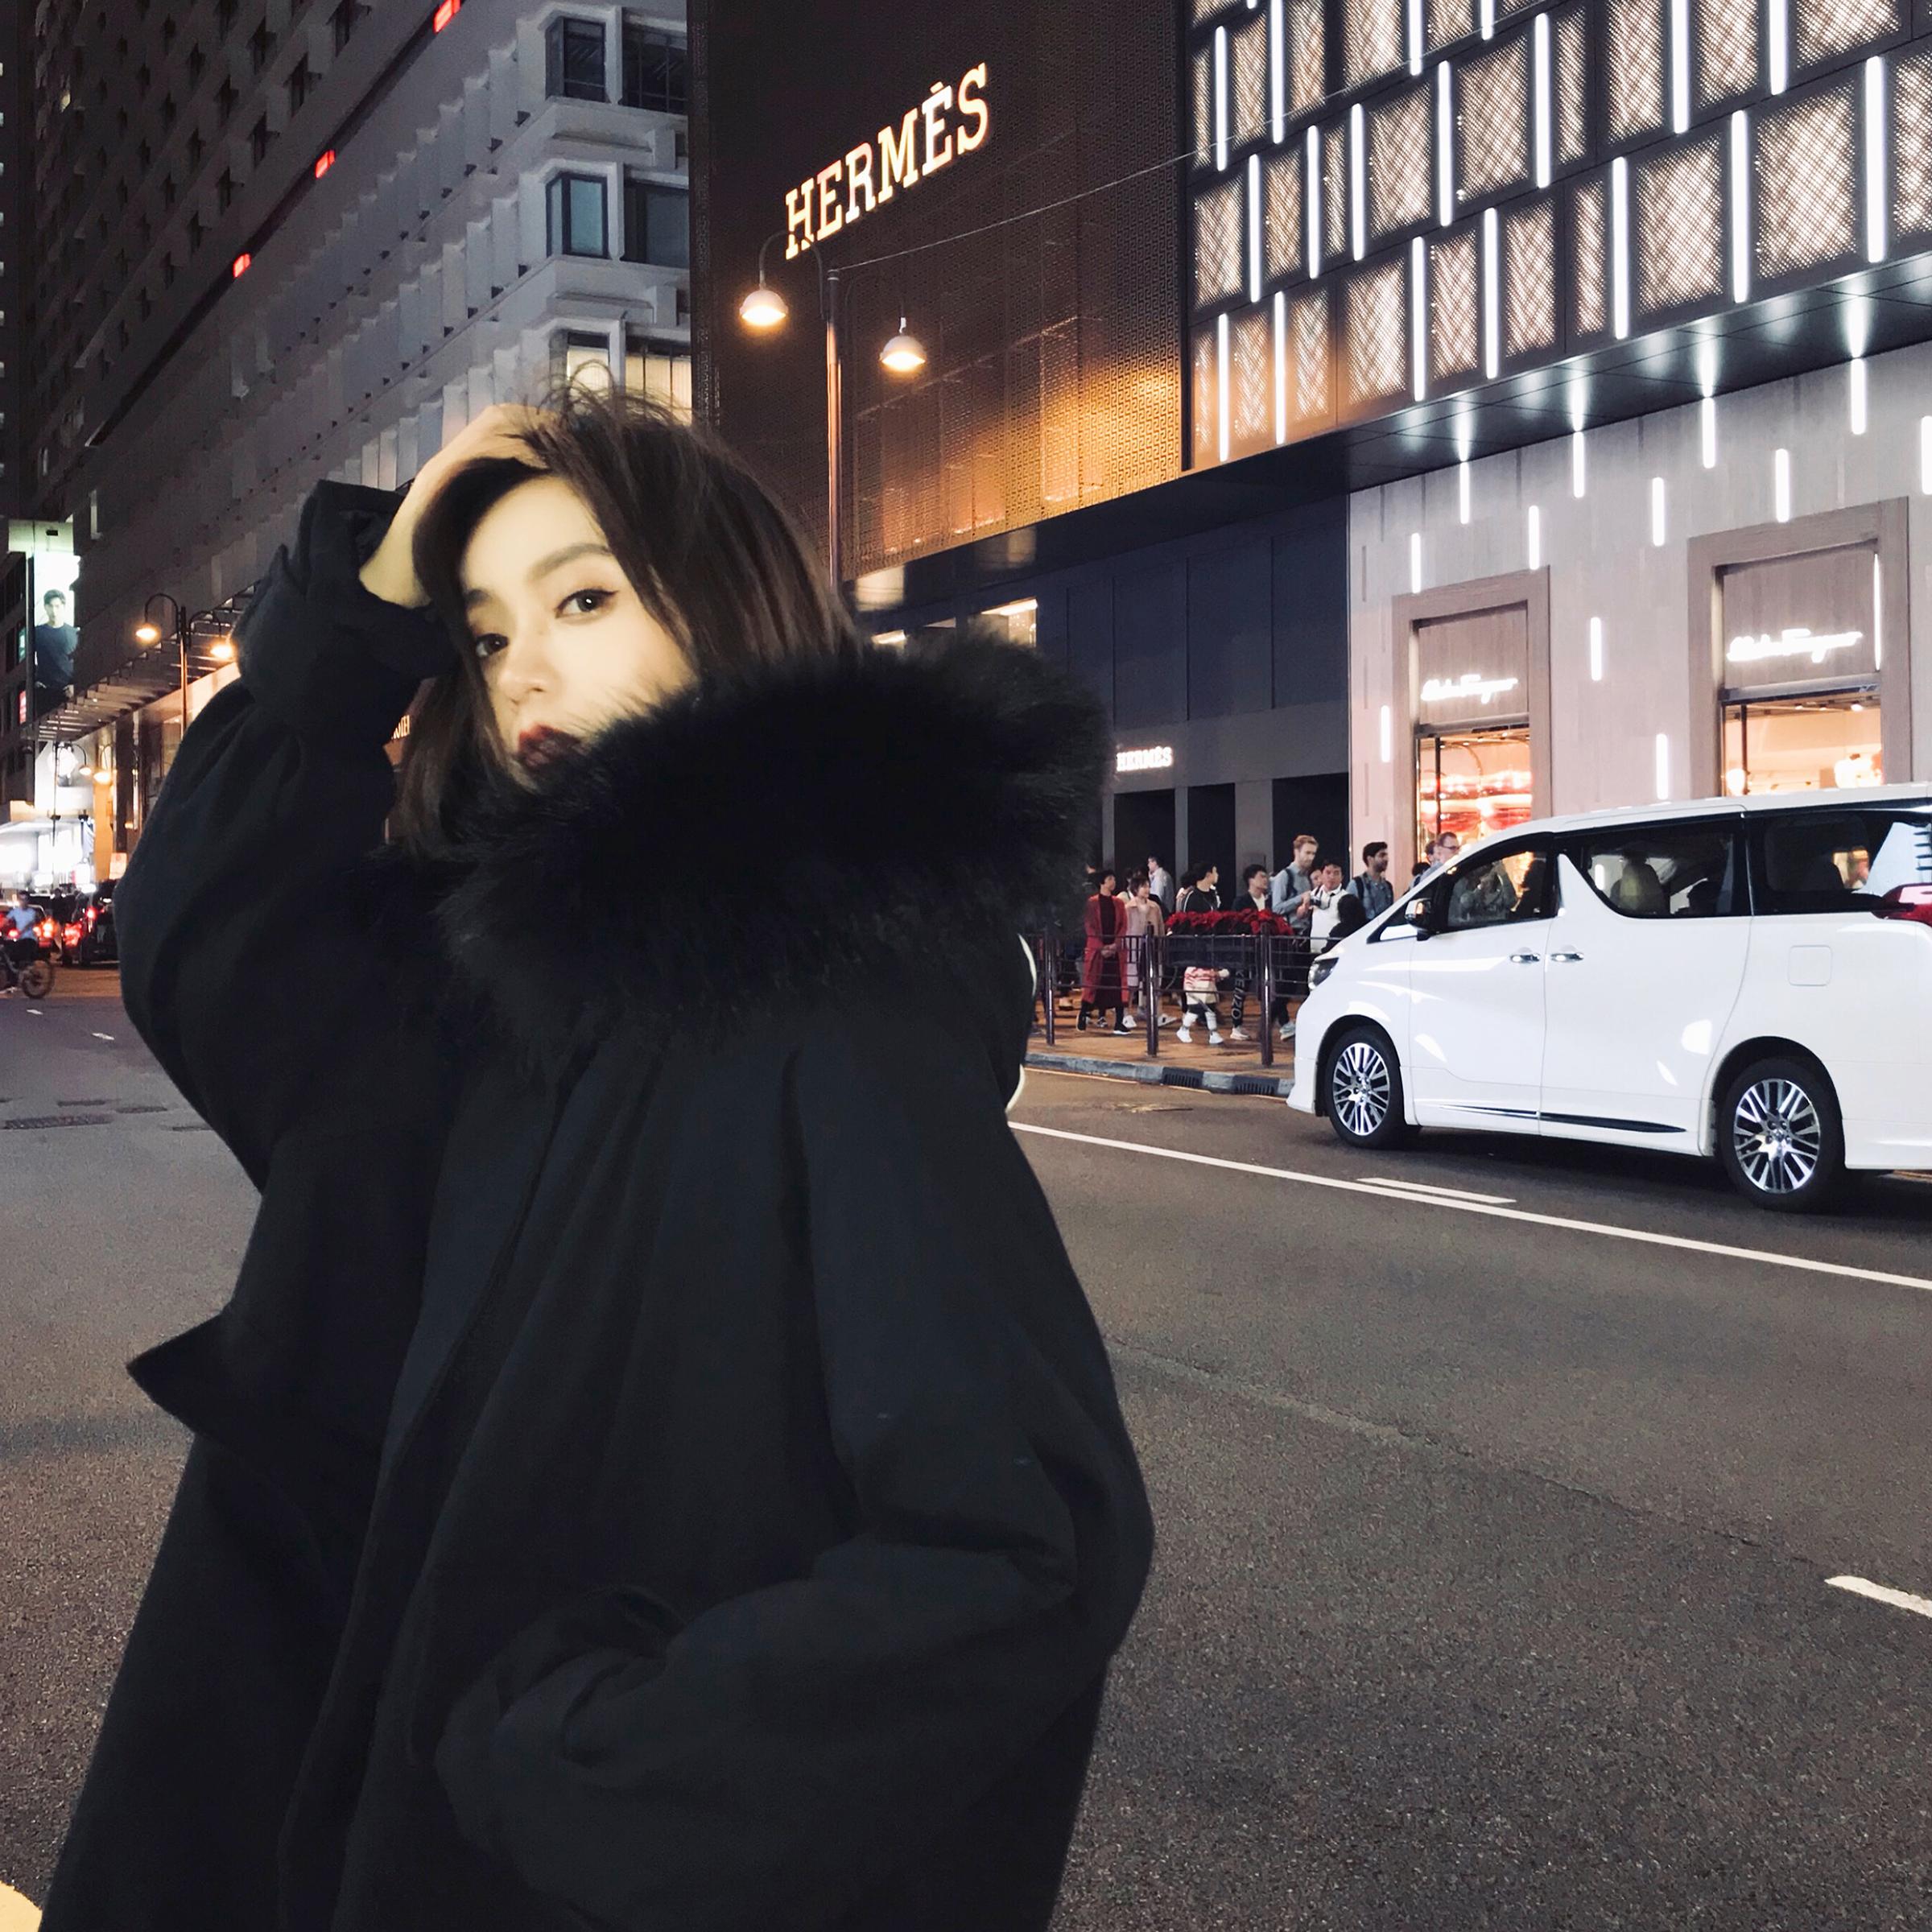 棉服女2019冬季新款大毛领连帽加厚宽松羊羔毛棉衣工装棉袄外套潮